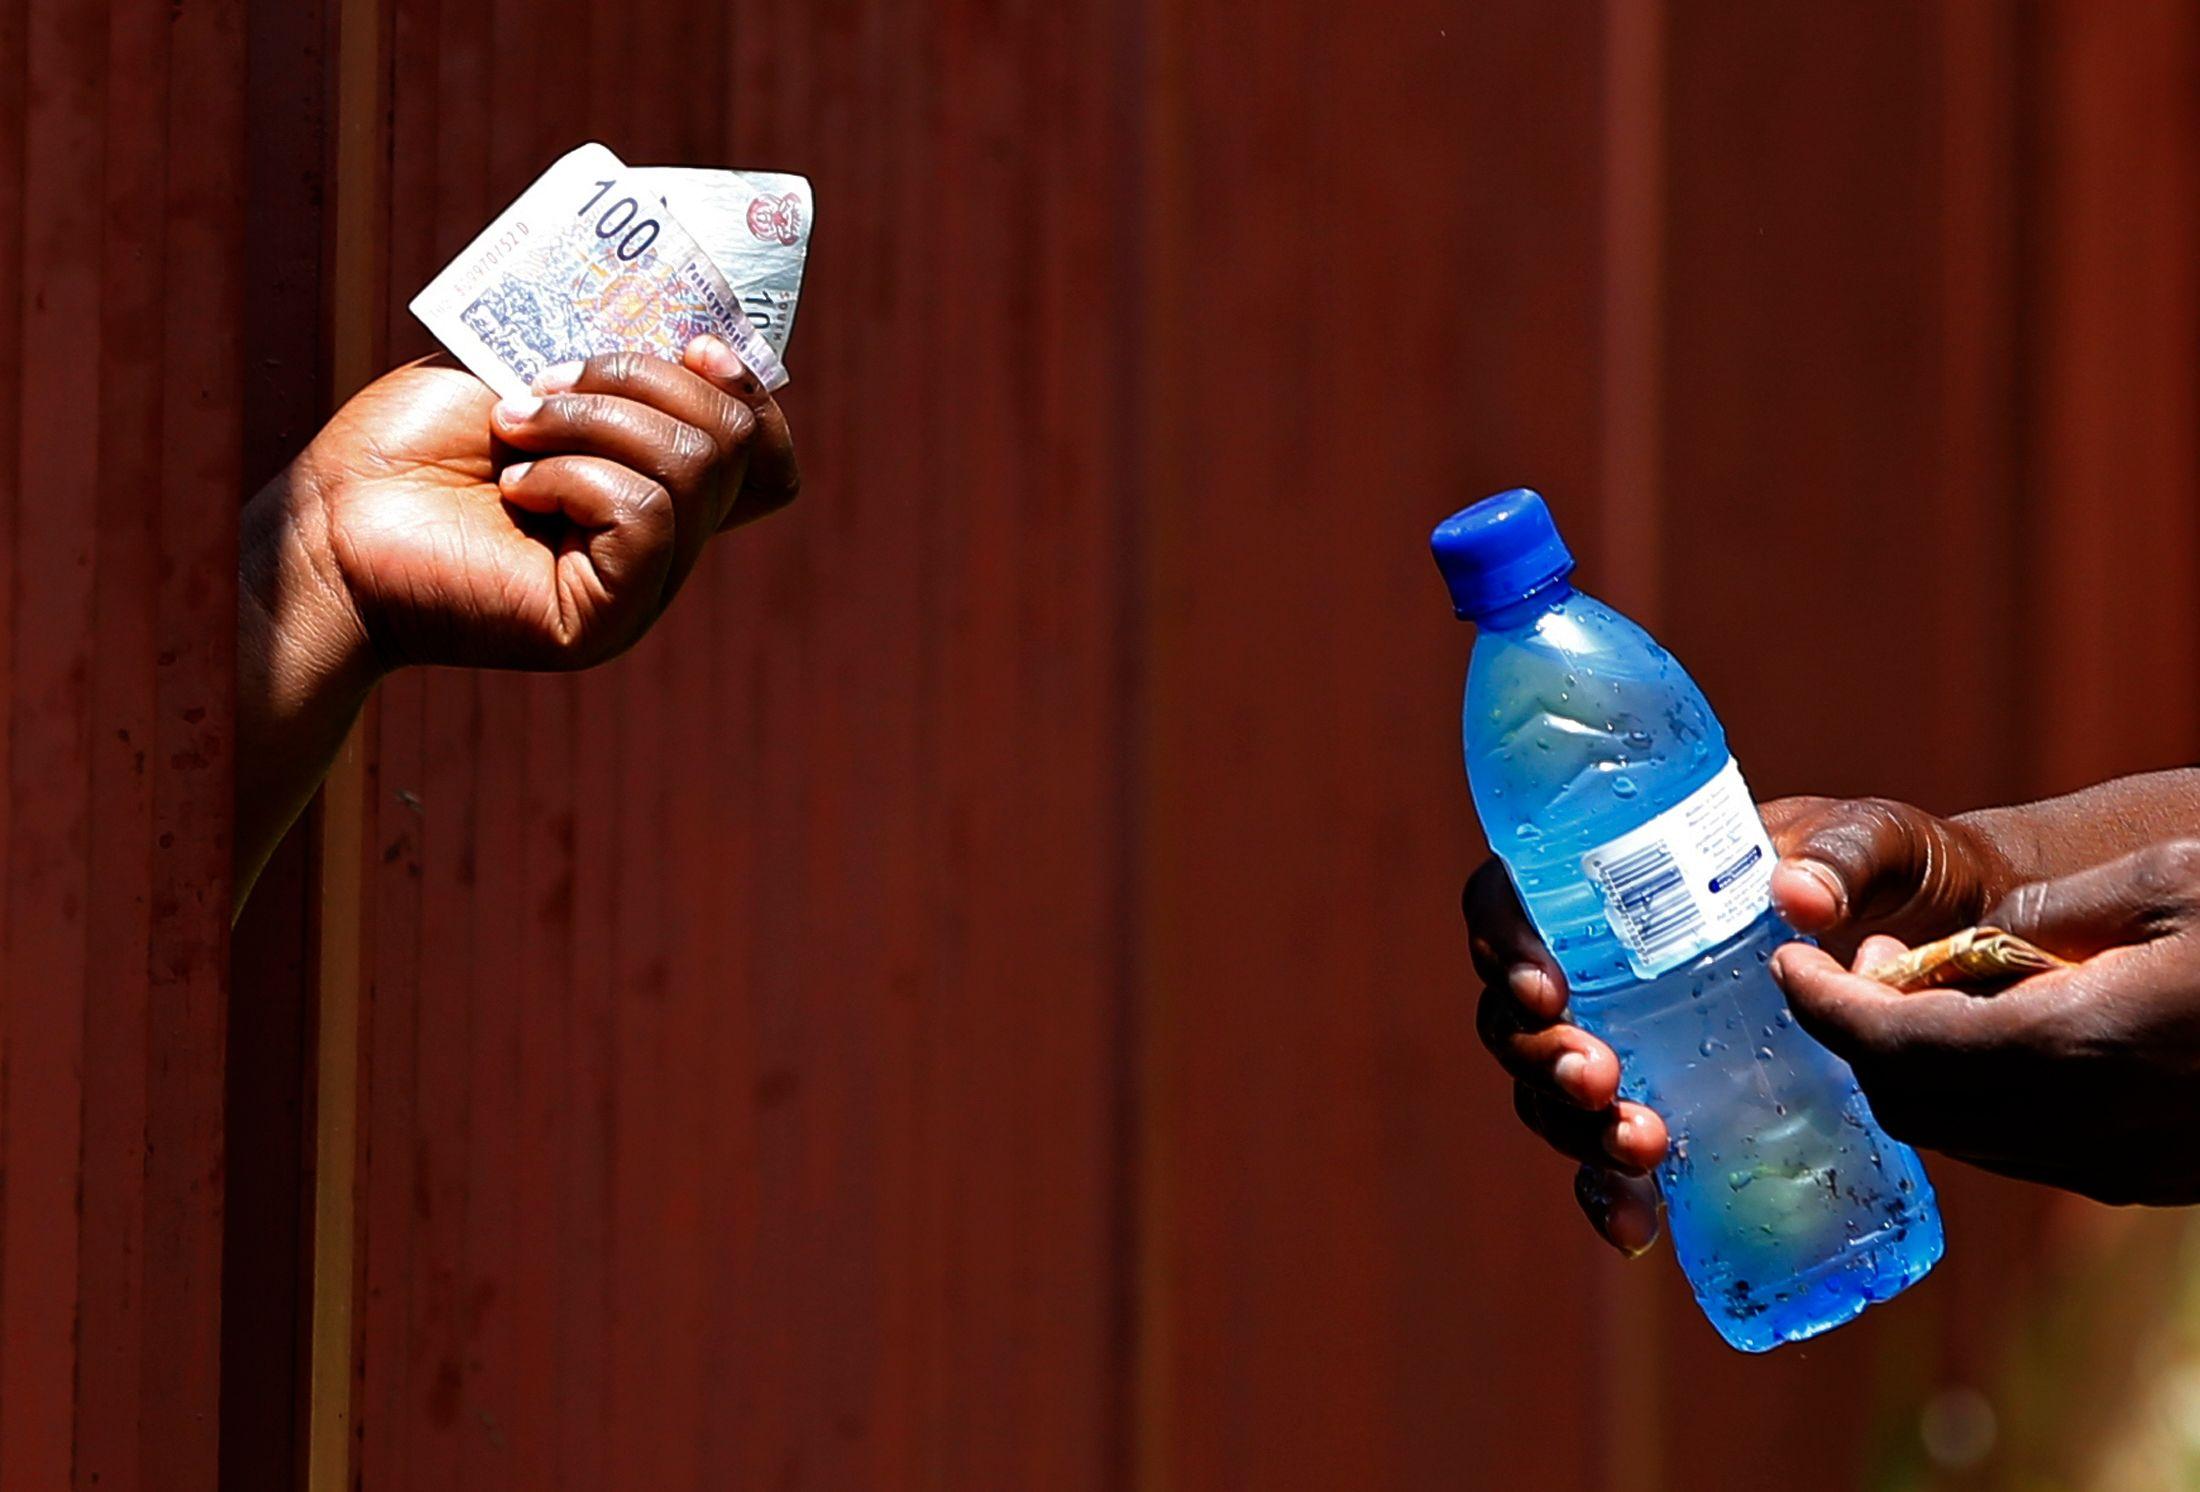 La rareté de l'eau risque d'exacerber des tensions politiques.